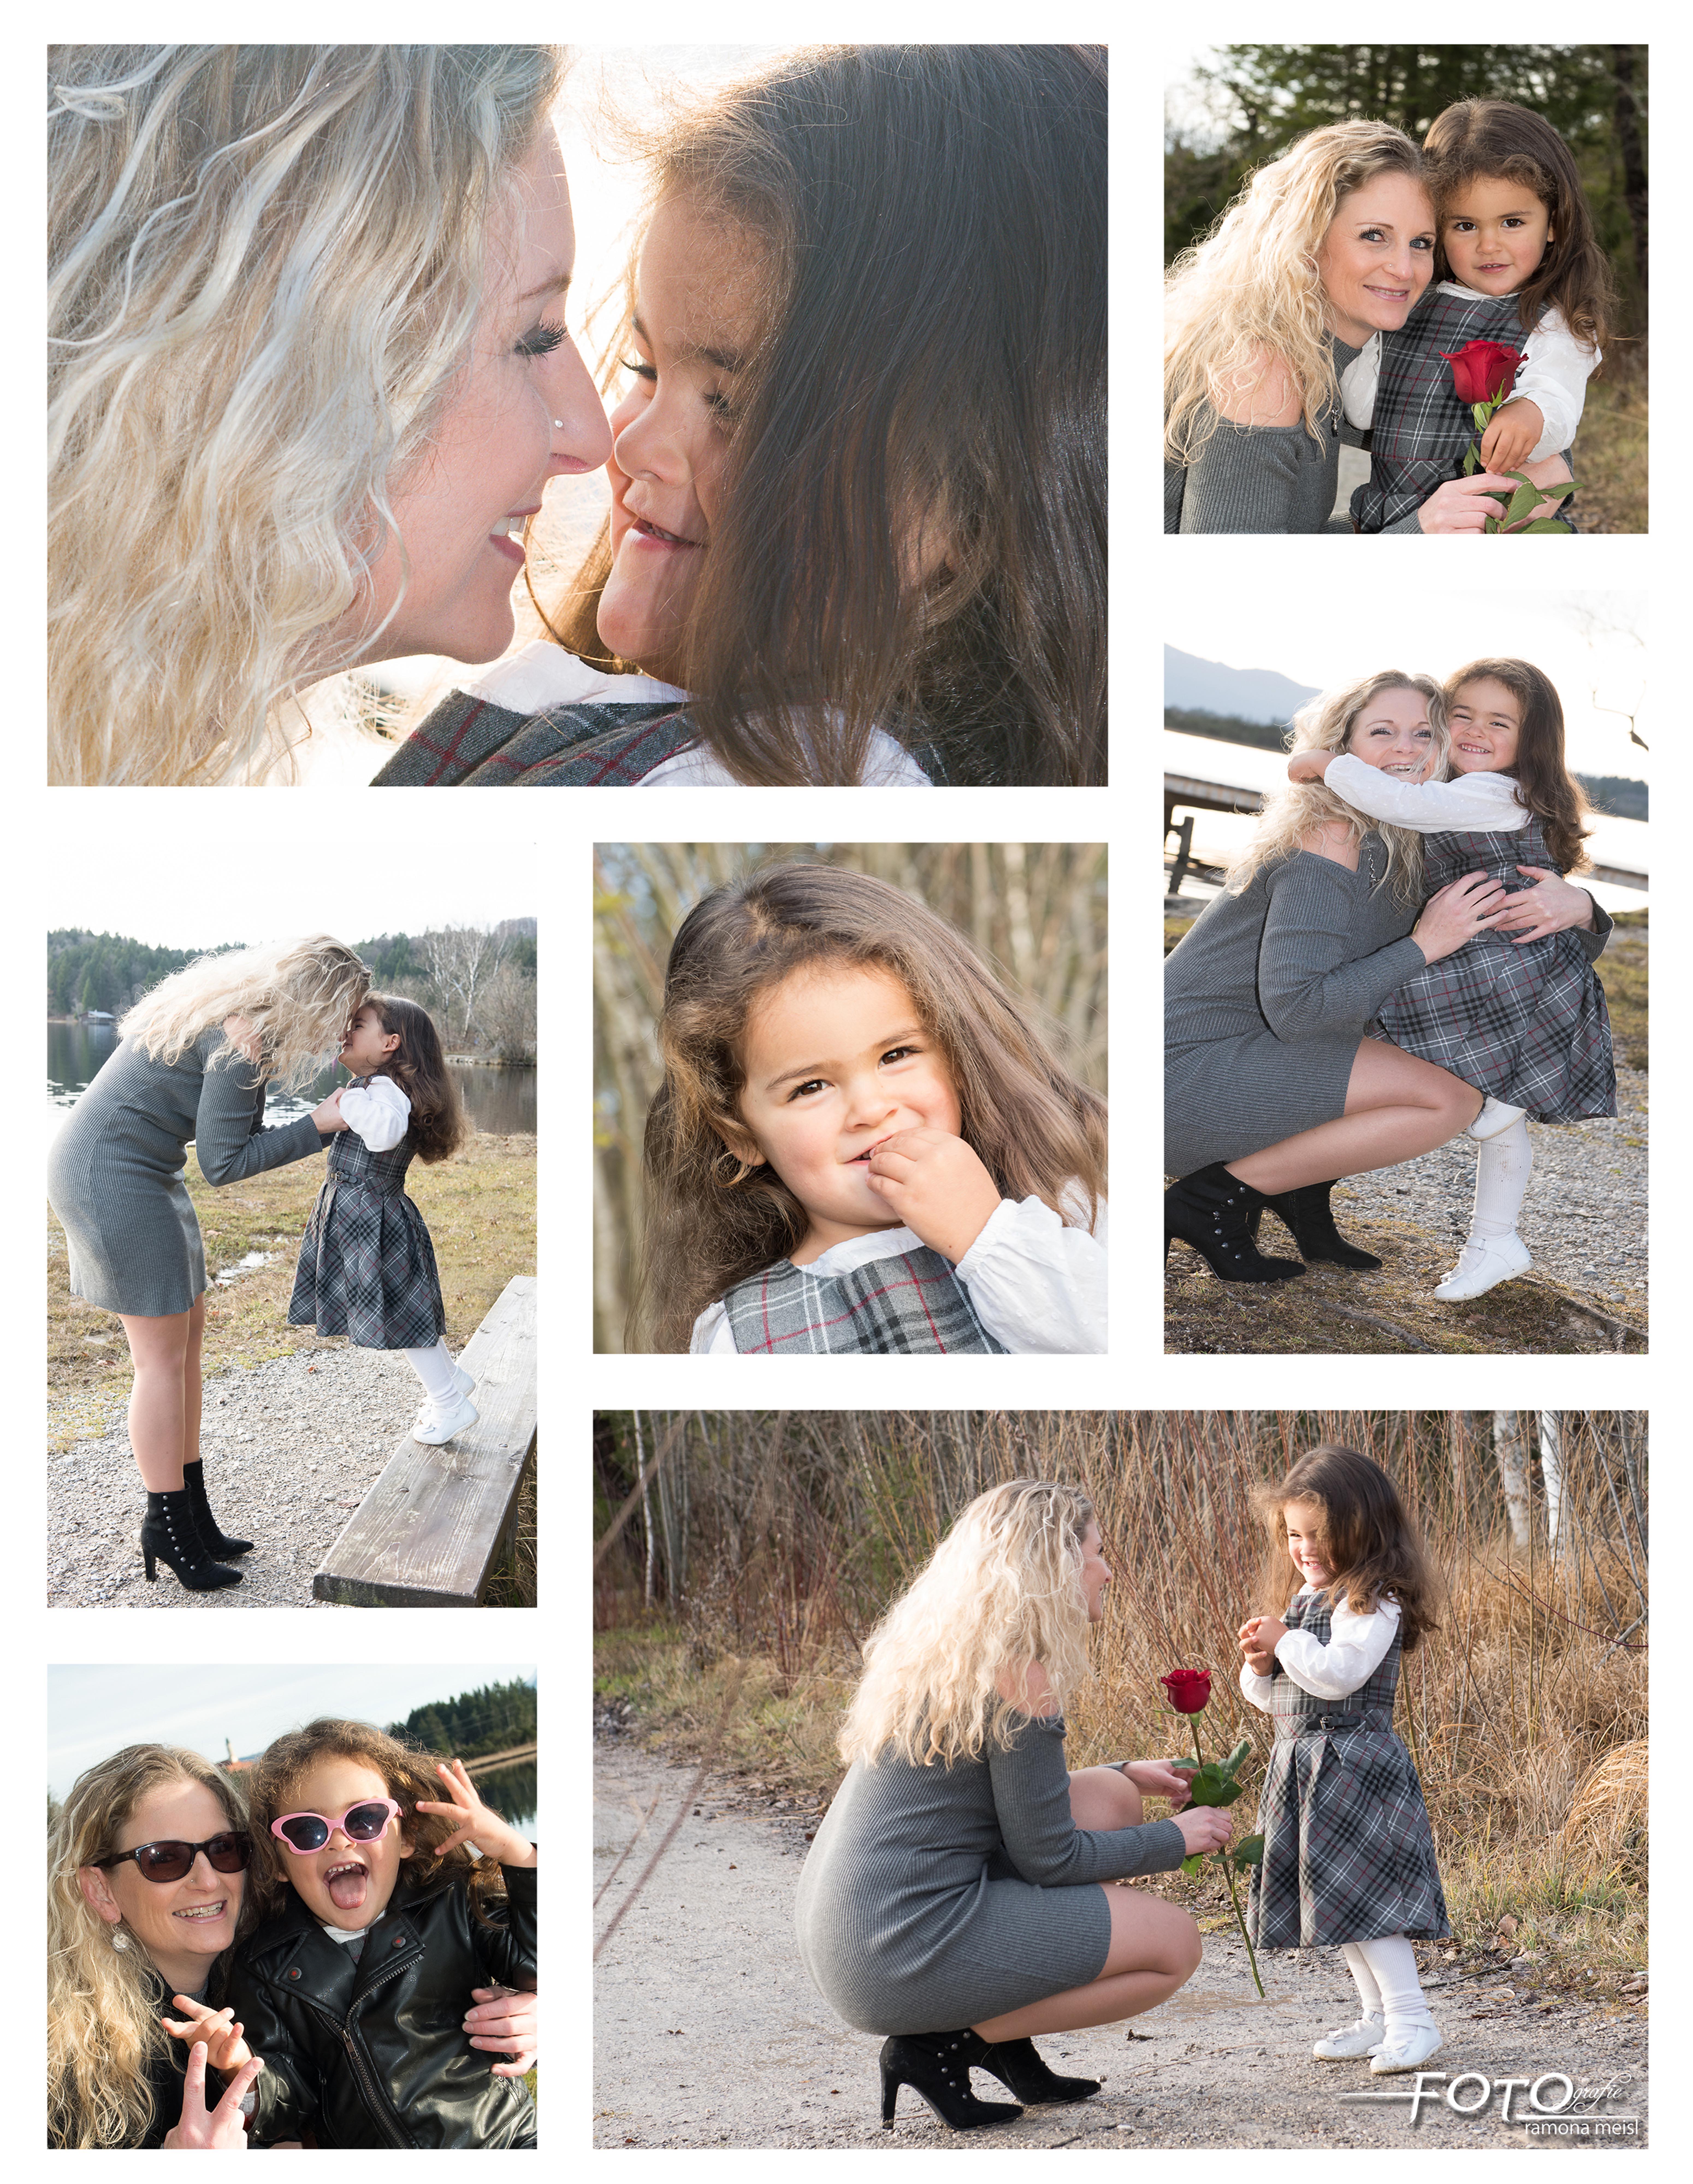 Familienfotos, Familienportrait, Familienshooting, Familienbilder, Familienbilder, Fotoshooting, Fotografie Meisl, Fotostudio, Familienfotograf